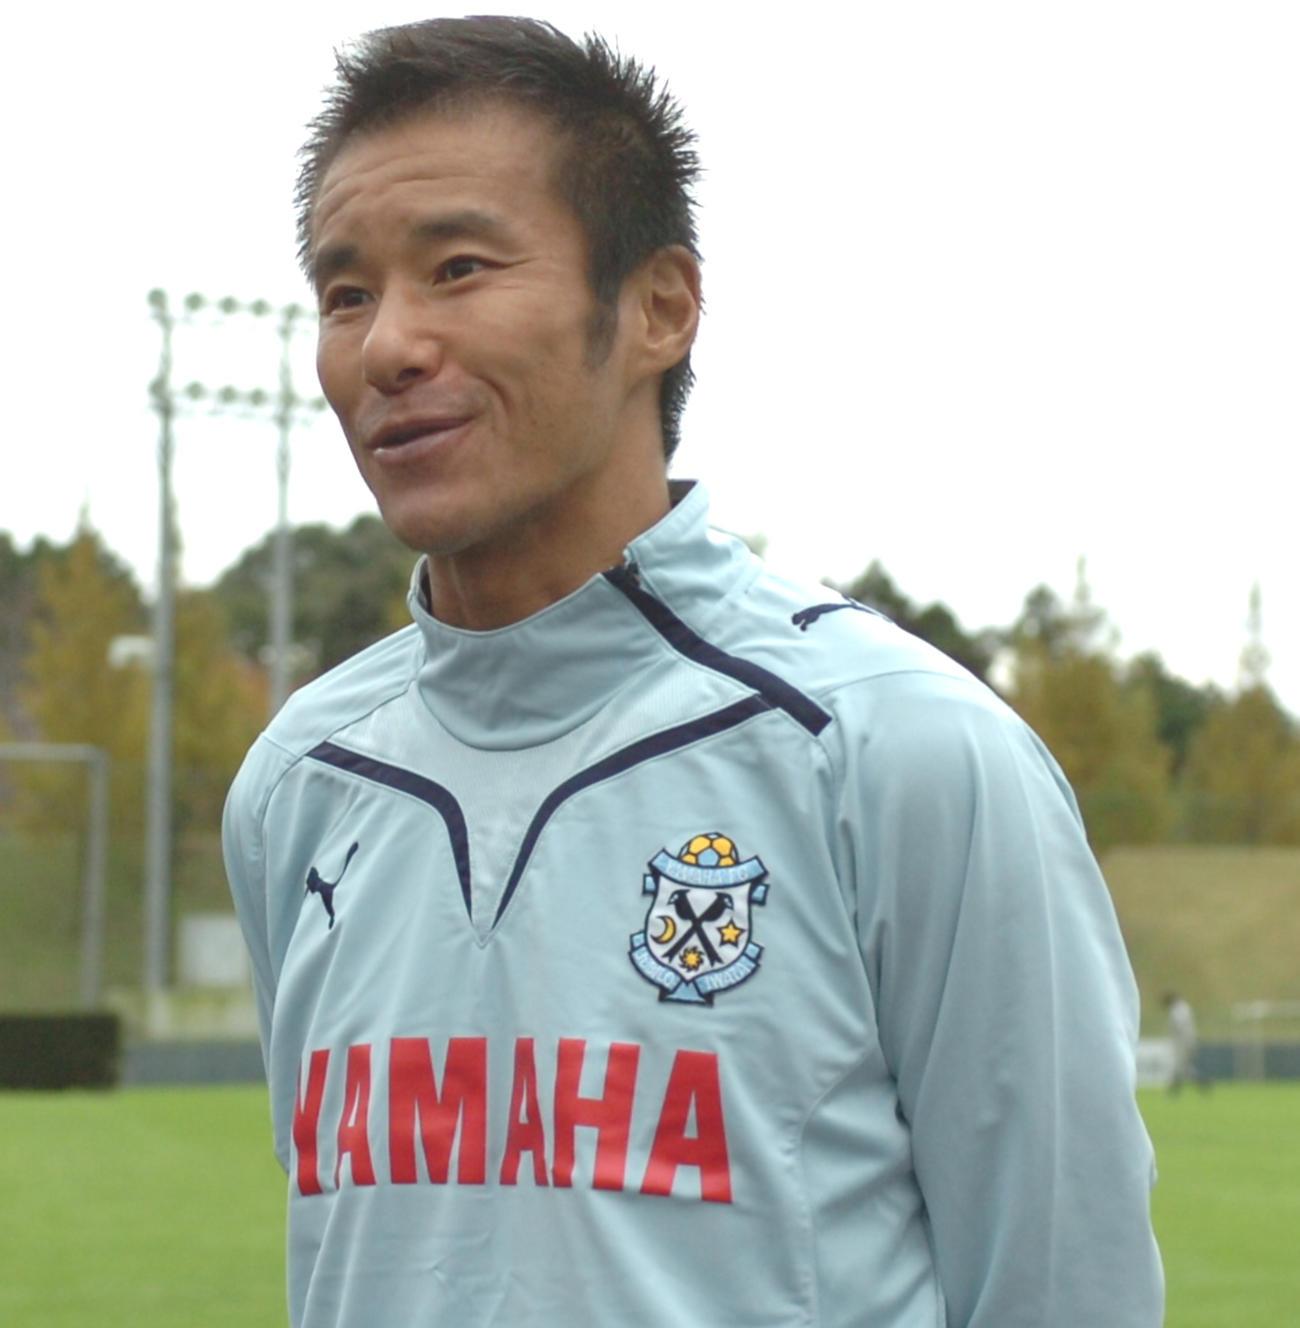 中山雅史(2009年11月12日撮影)